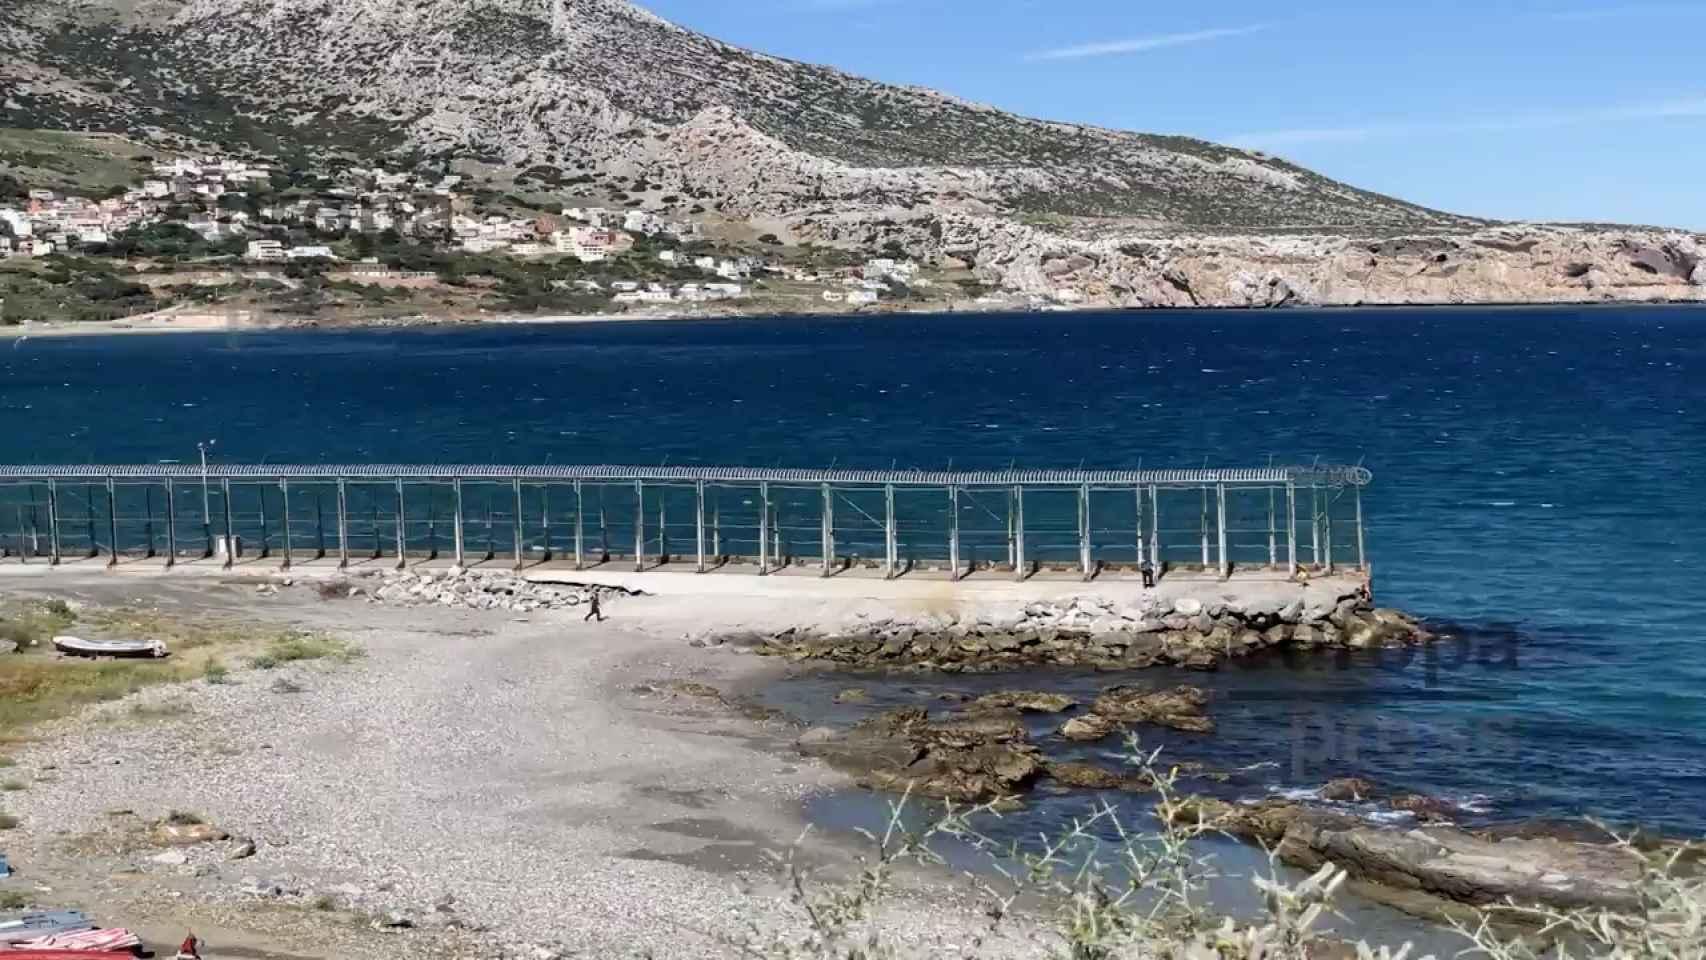 Llegada masiva de inmigrantes a las playas de Ceuta